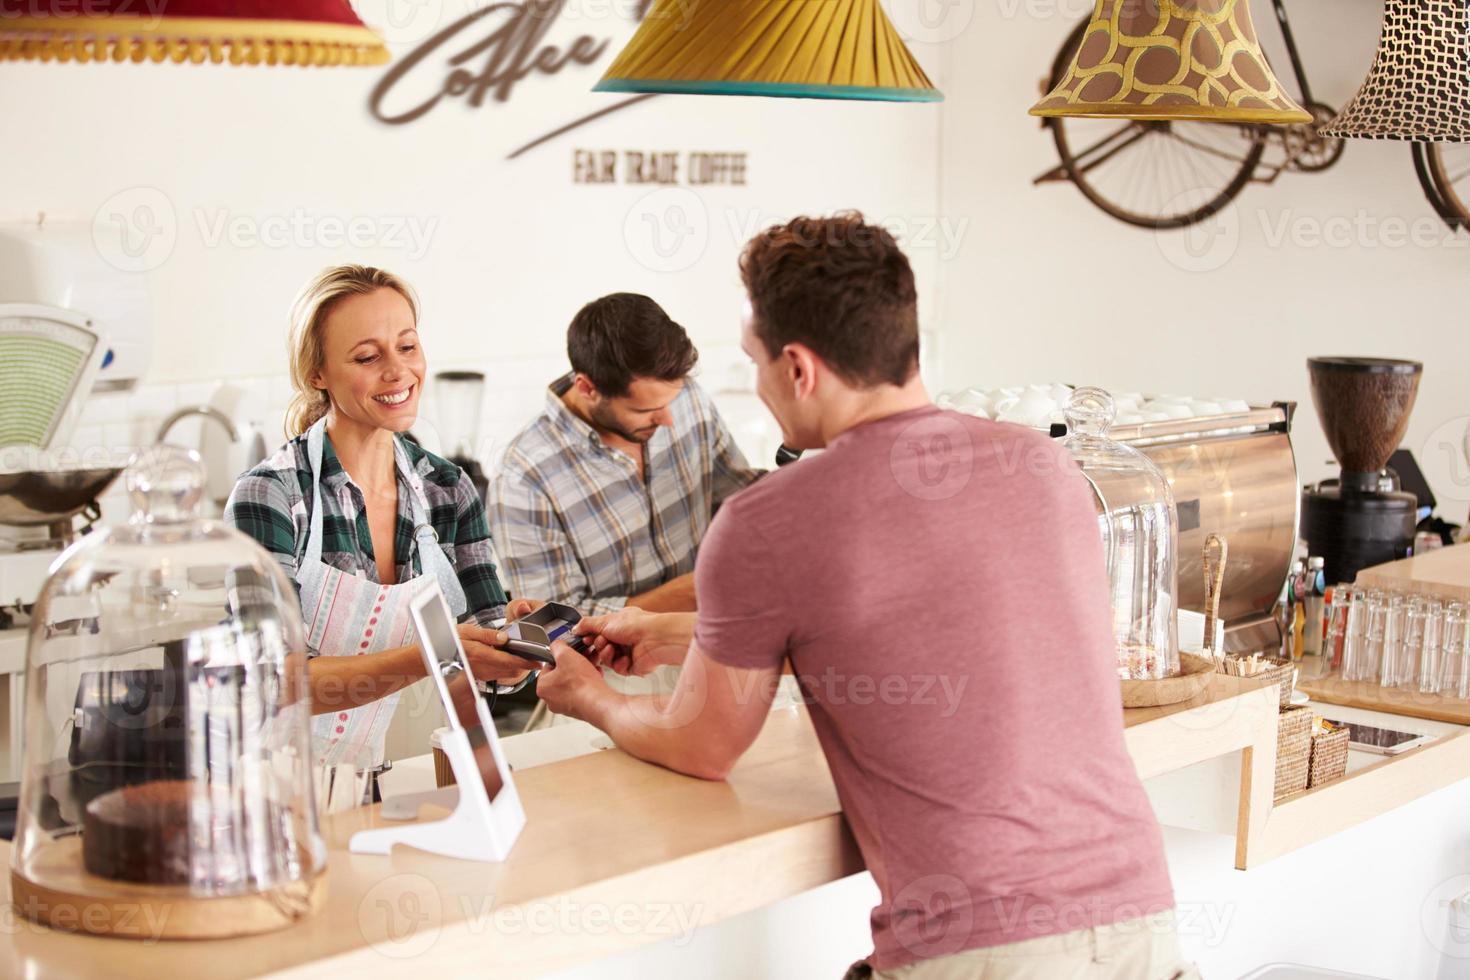 jeune homme, payer sa commande dans un café photo